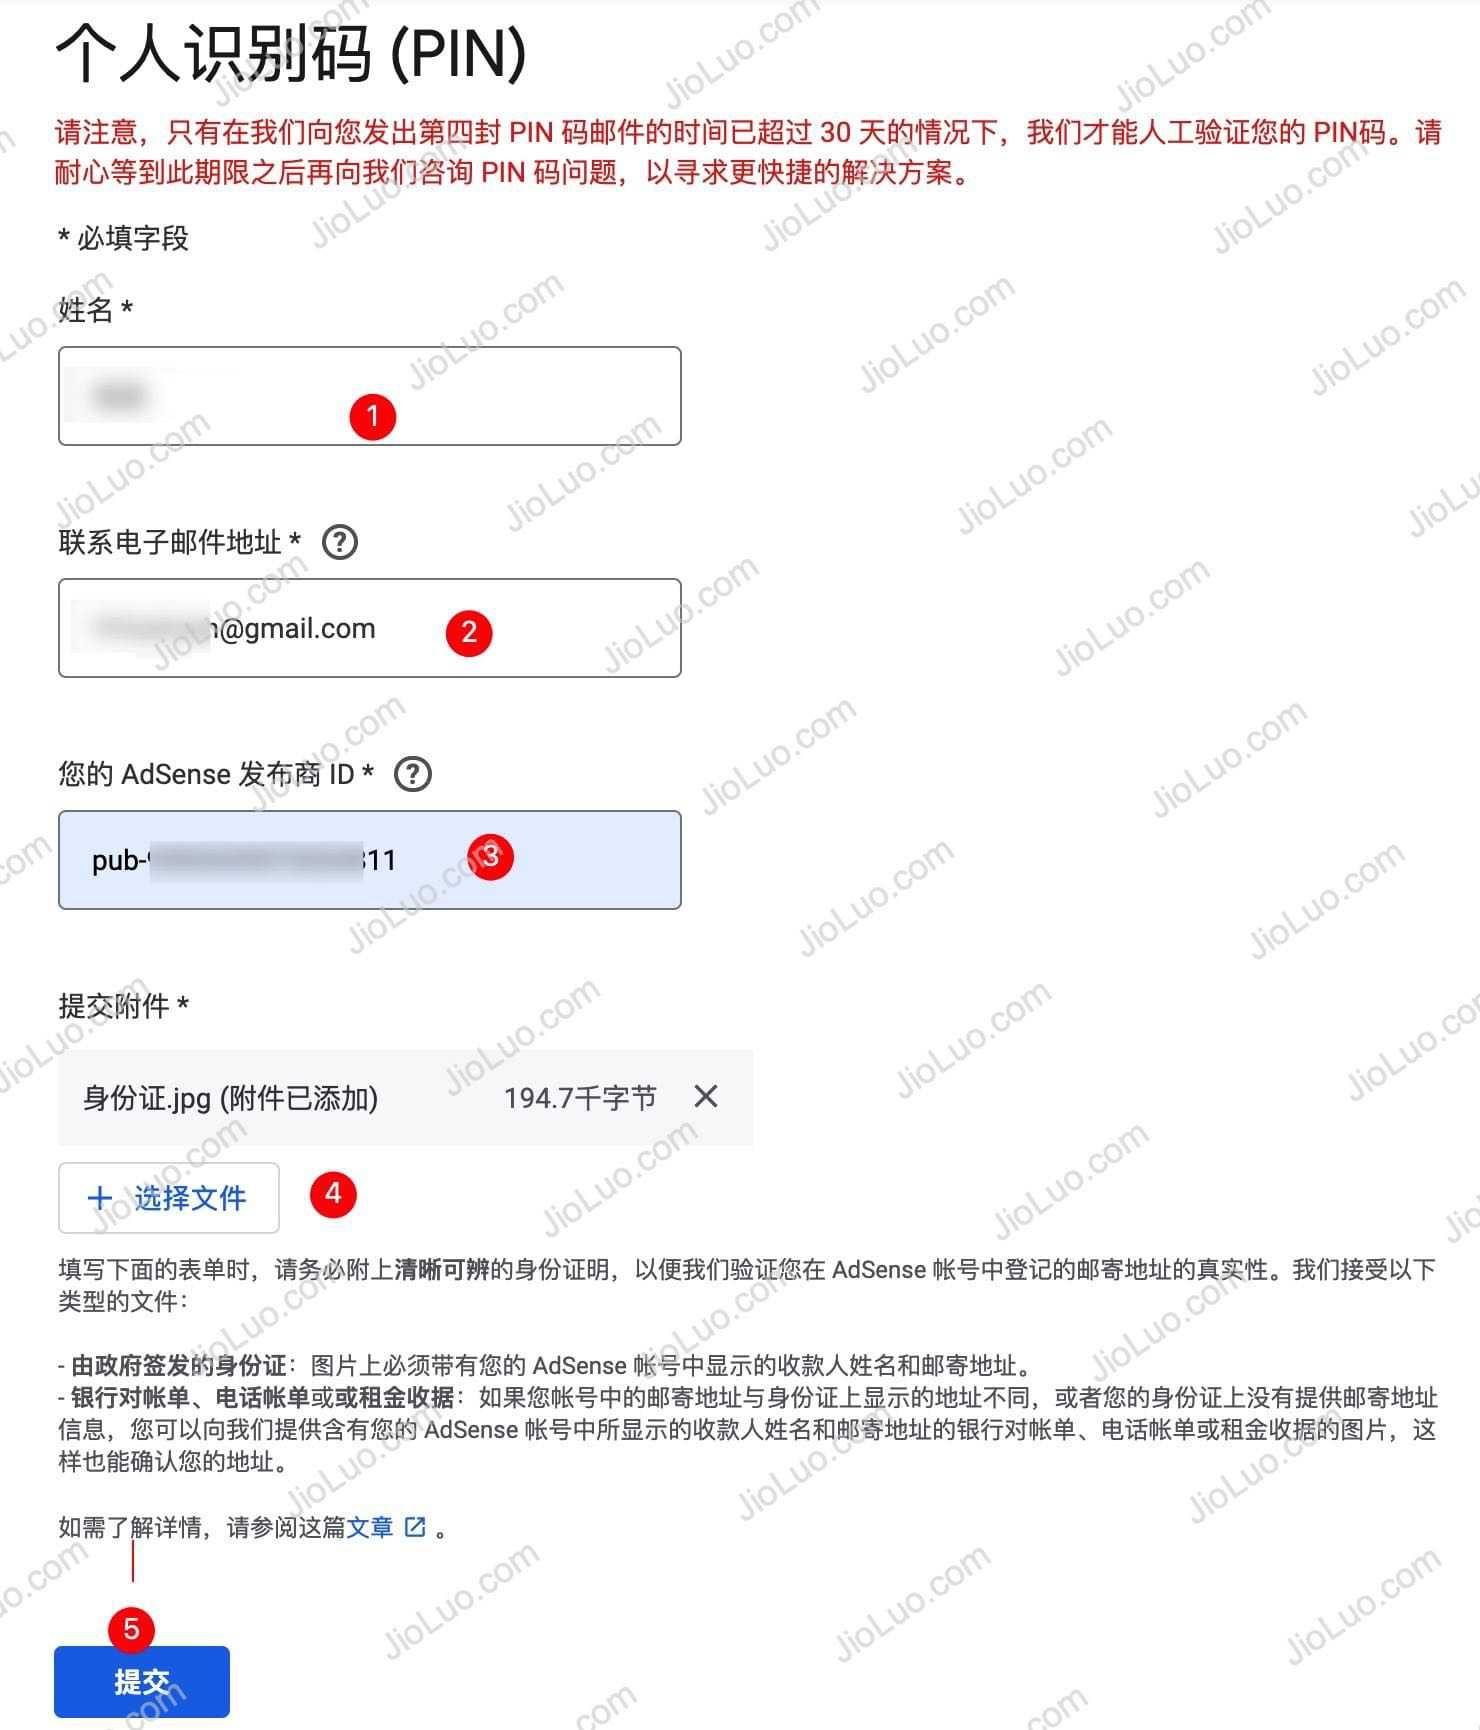 在线申请 Google AdSense 个人识别码(PIN)在线提交的网址与过程(无法接收邮政平邮)插图5